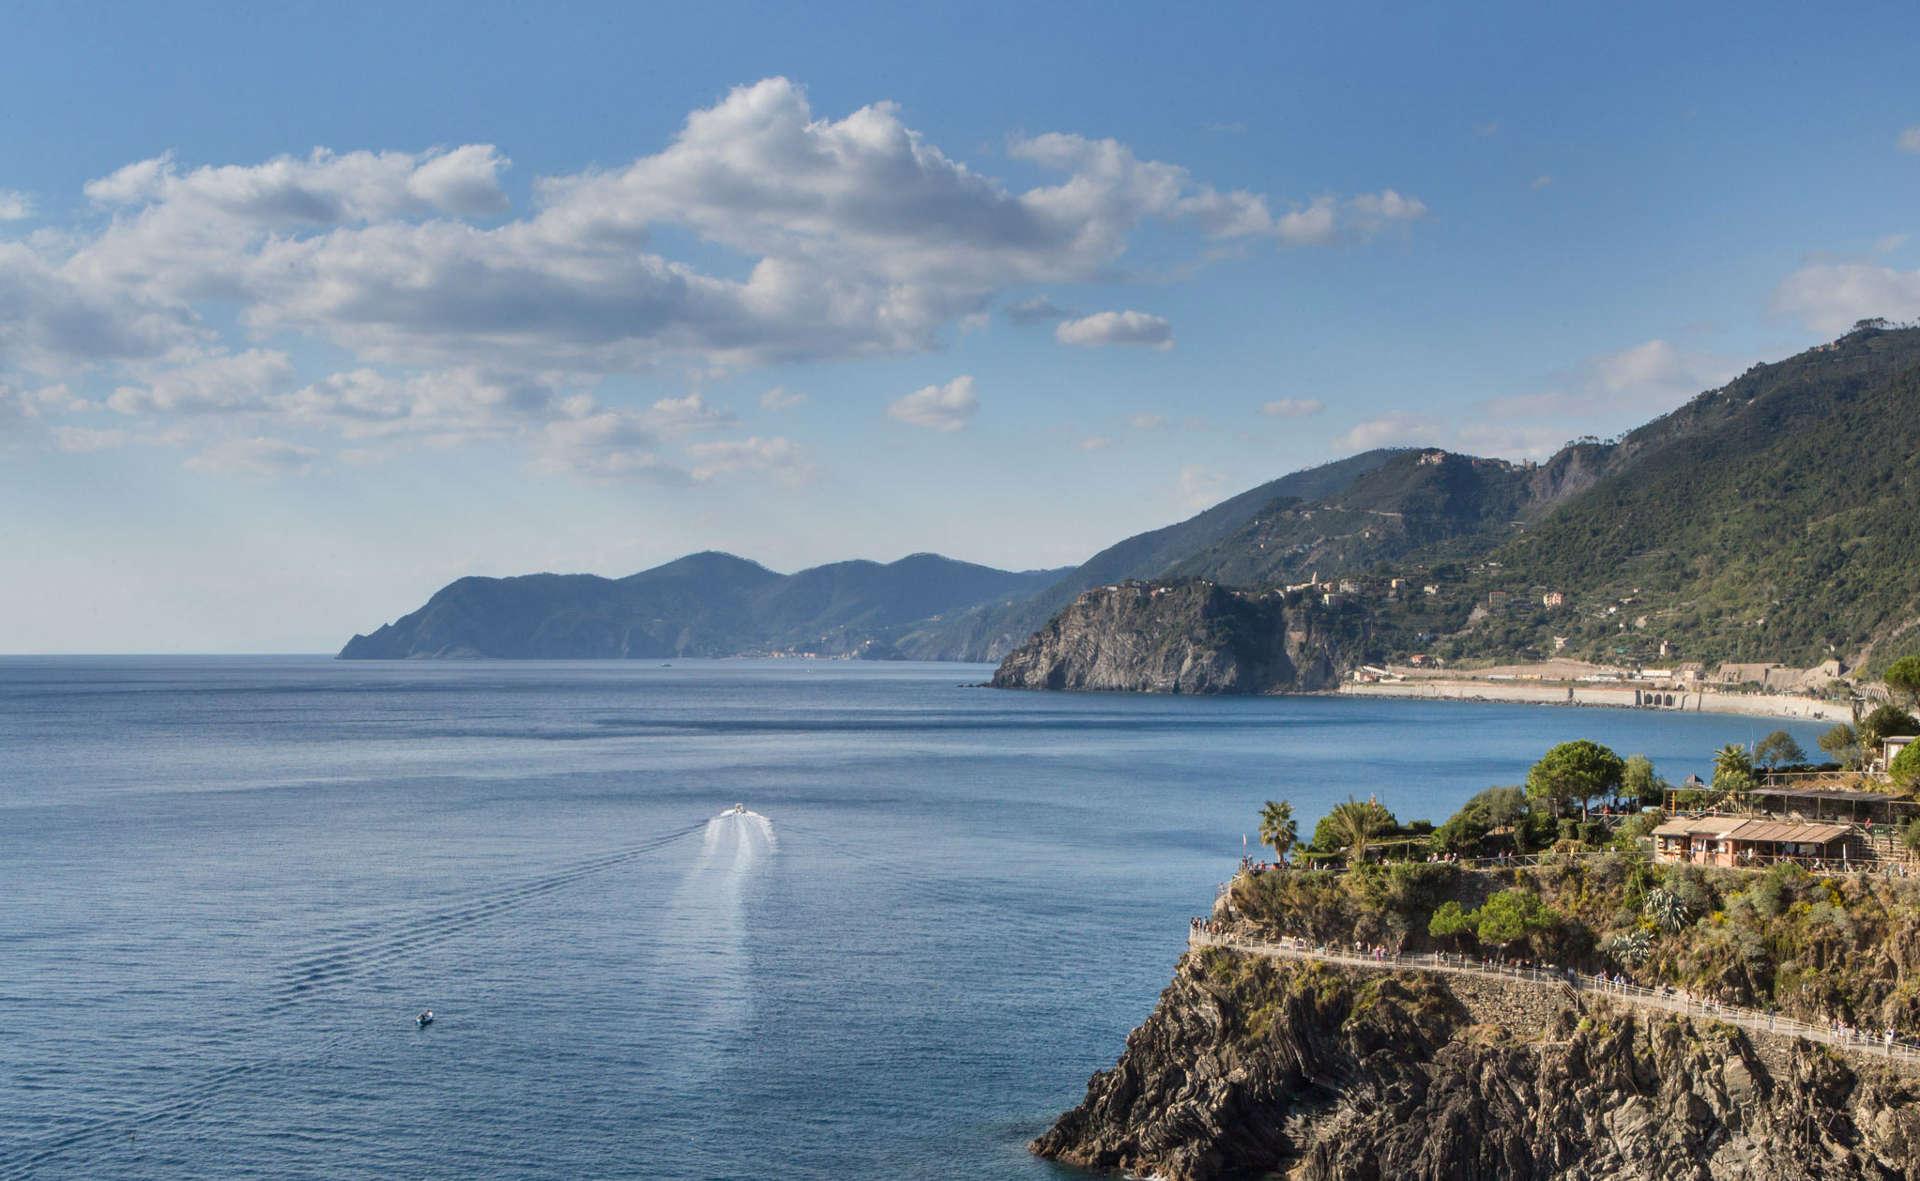 Hotel marina di monterosso al mare cinque terre for Appart hotel 5 terres